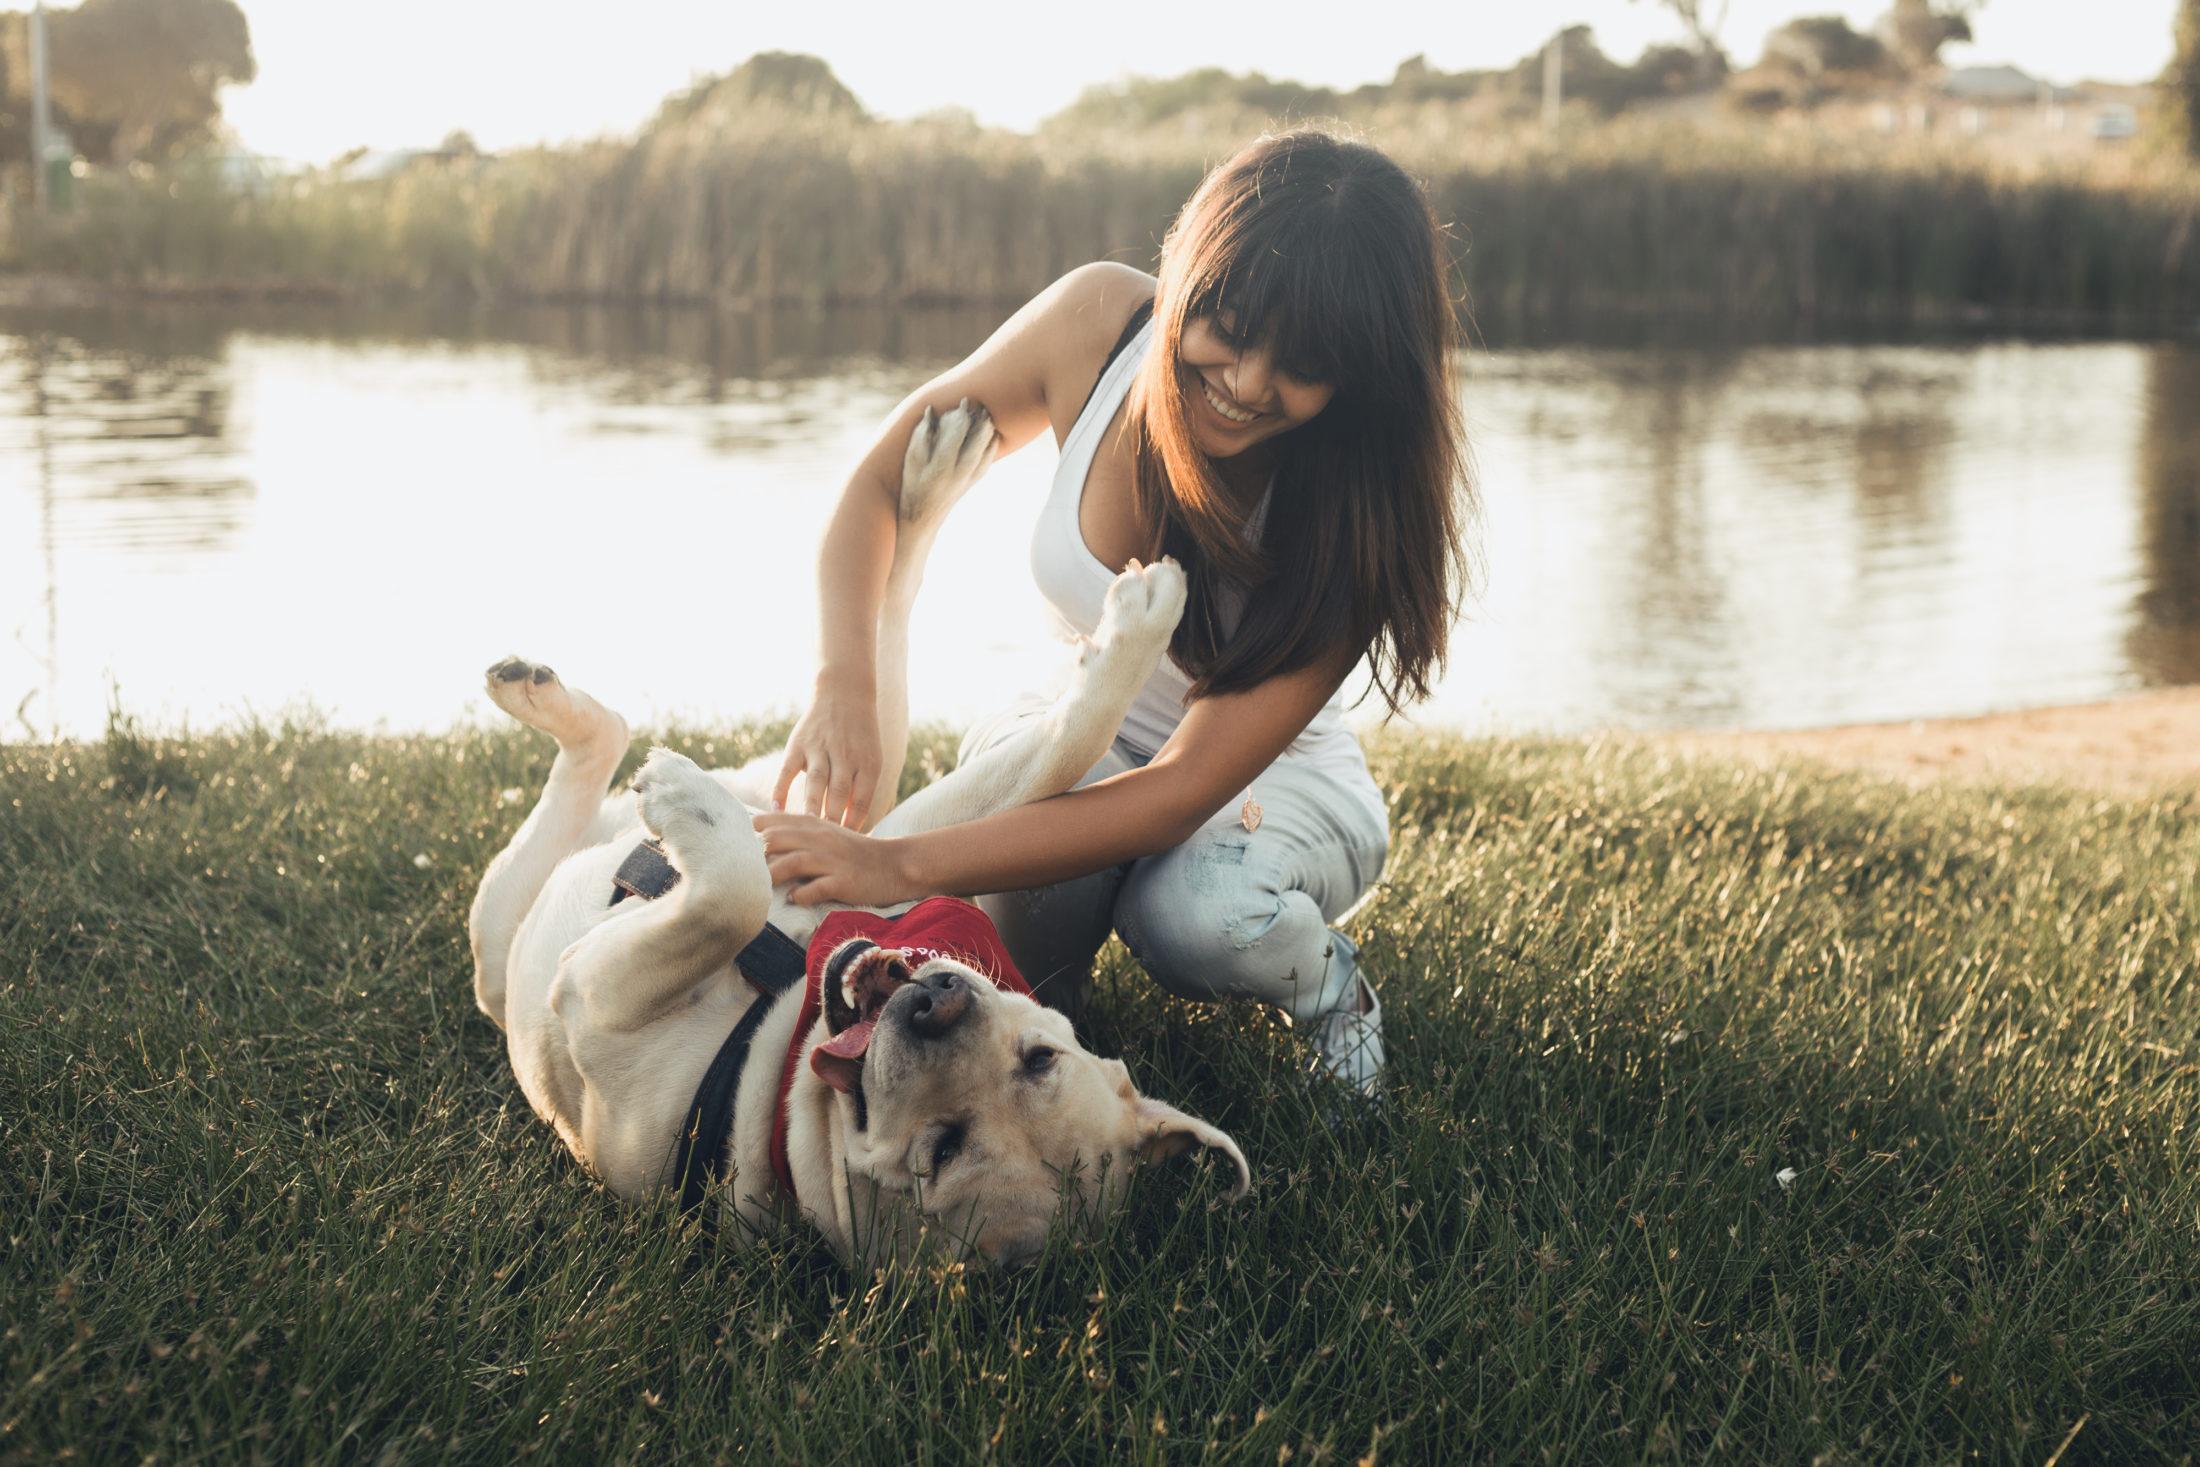 atividades para cachorro - mulher brincando com cachorro na grama